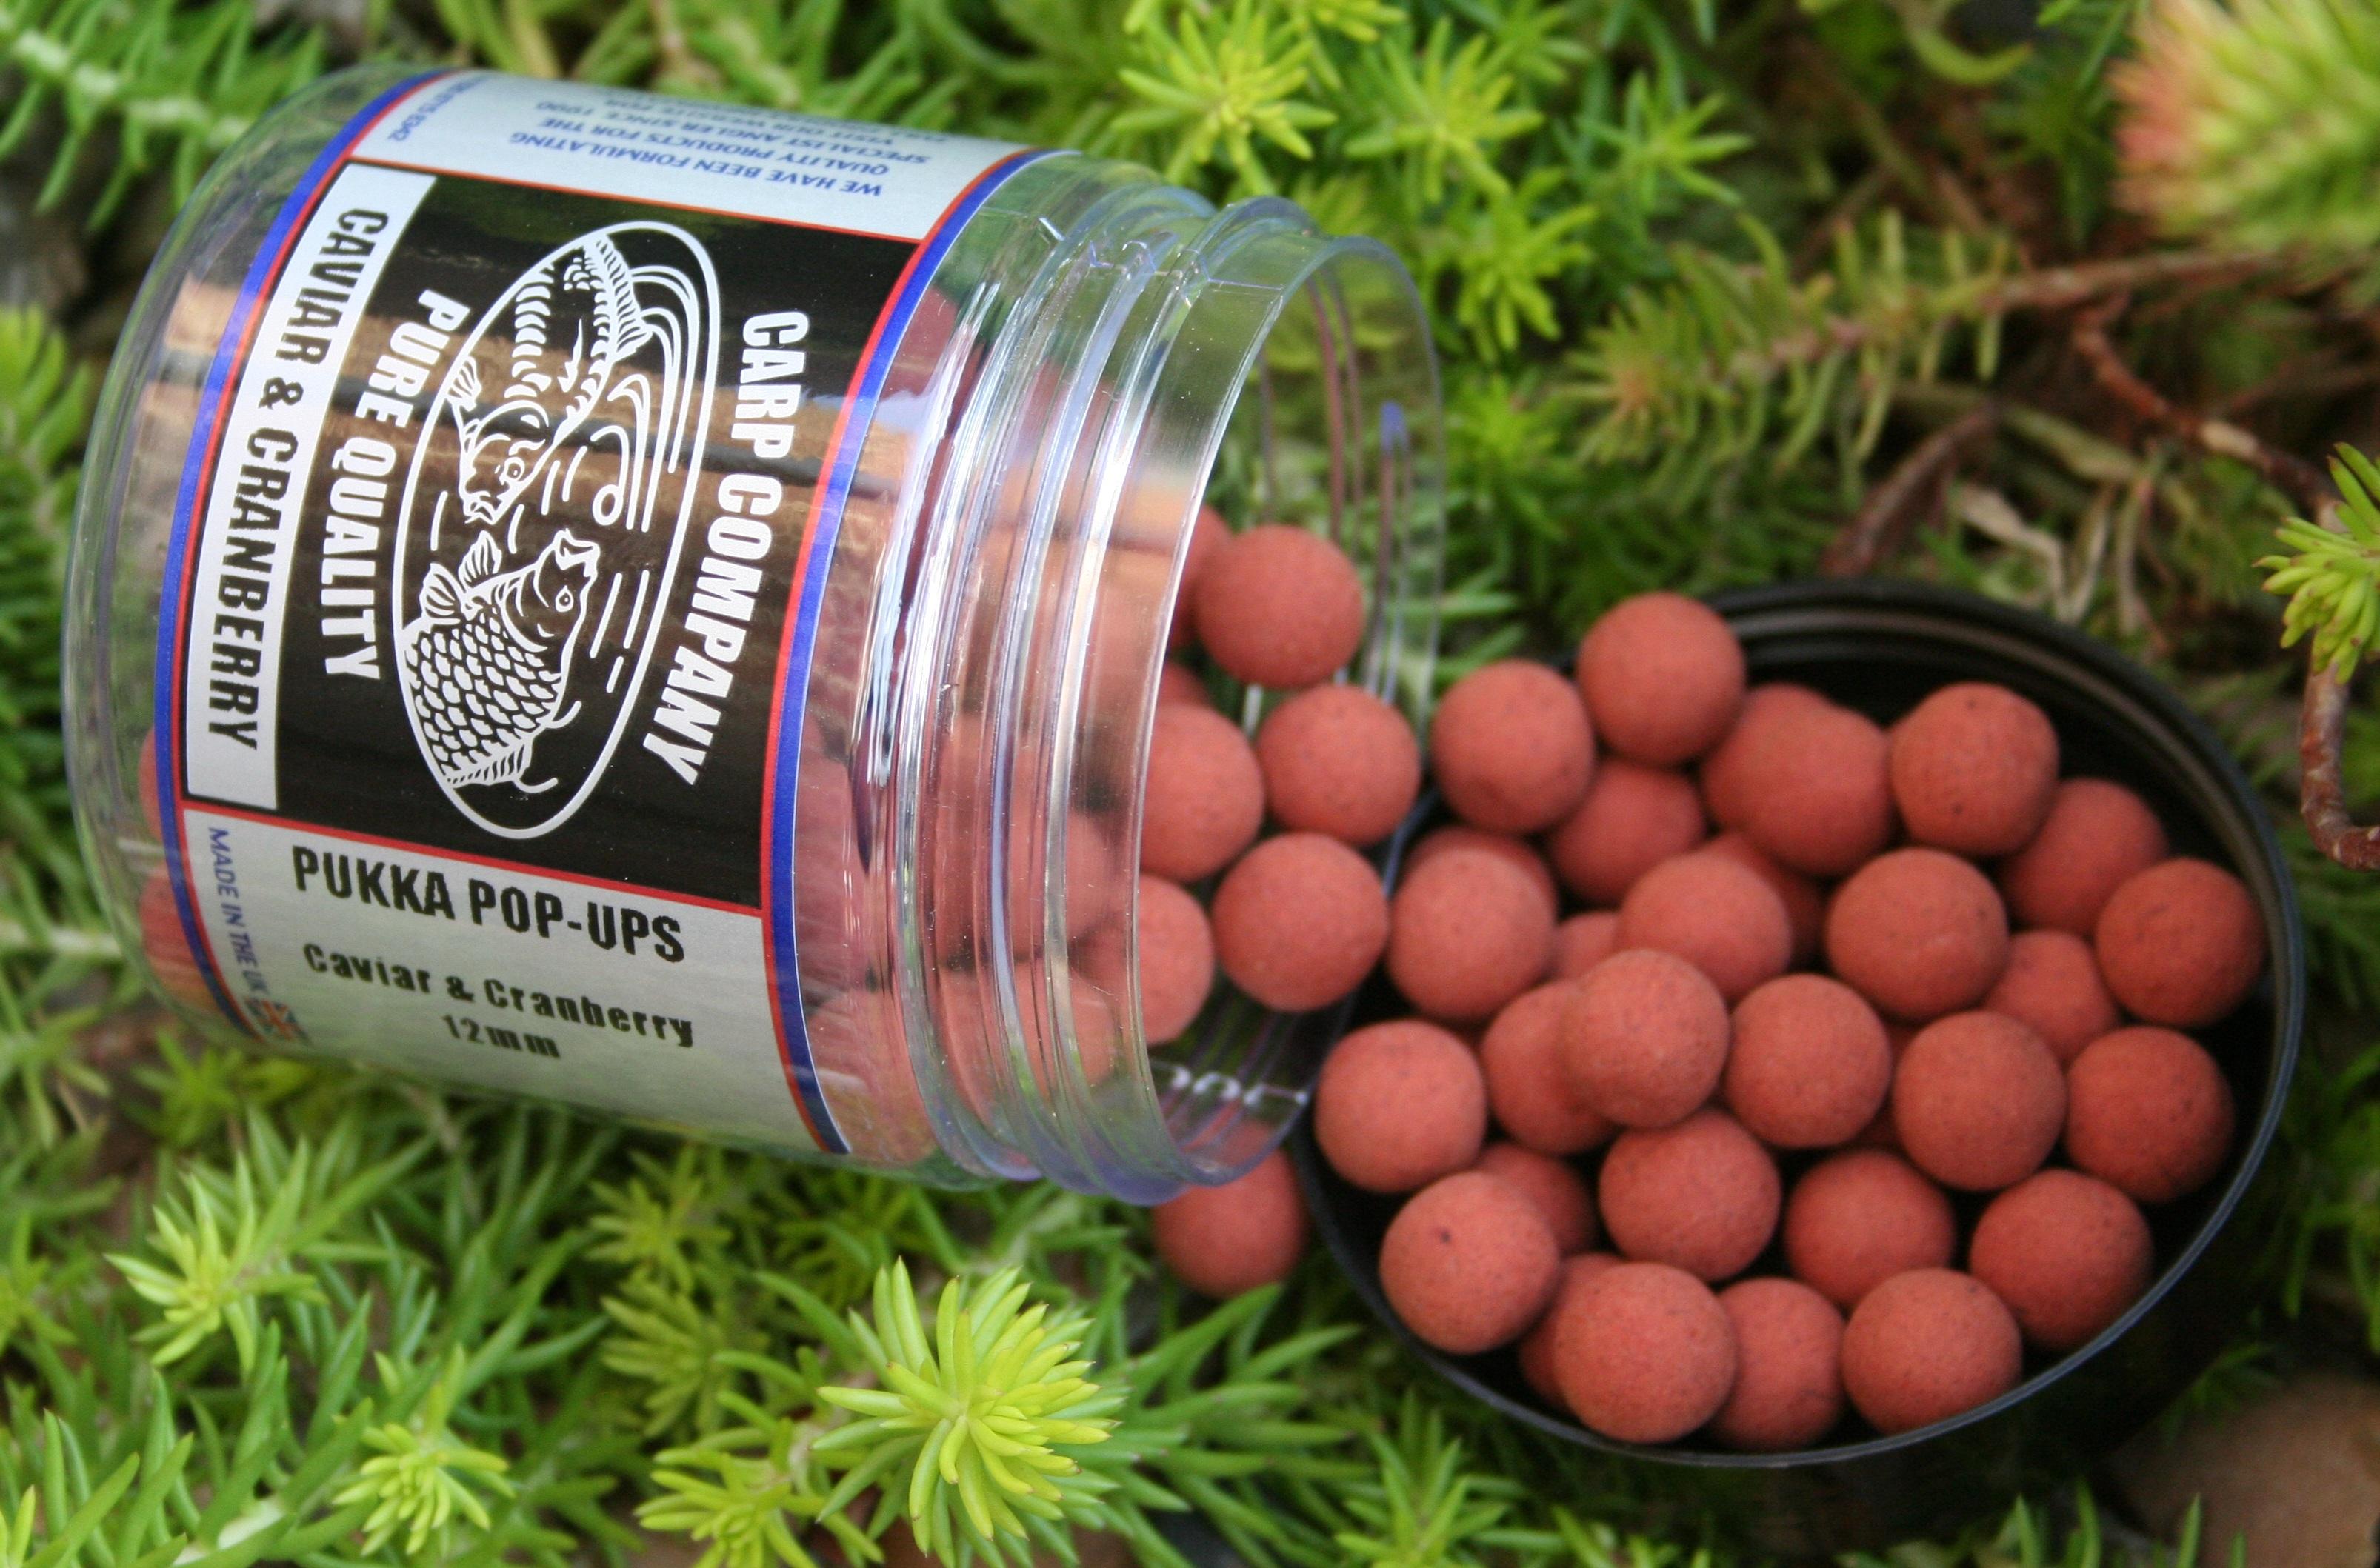 Caviar & Cranberry